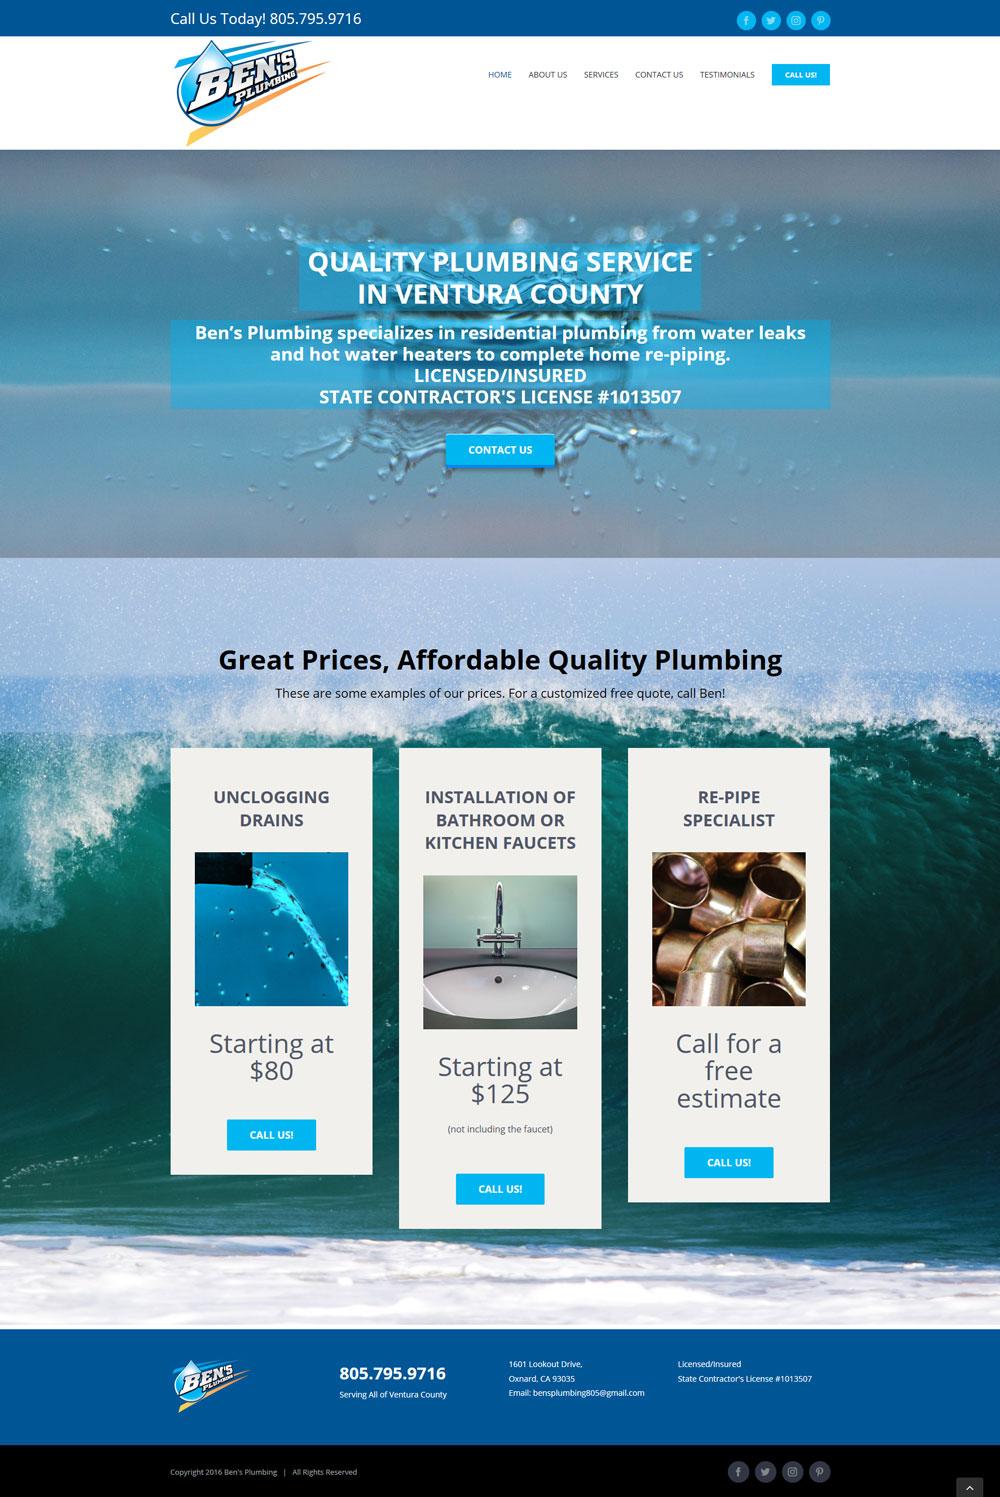 Ben's Plumbing Website